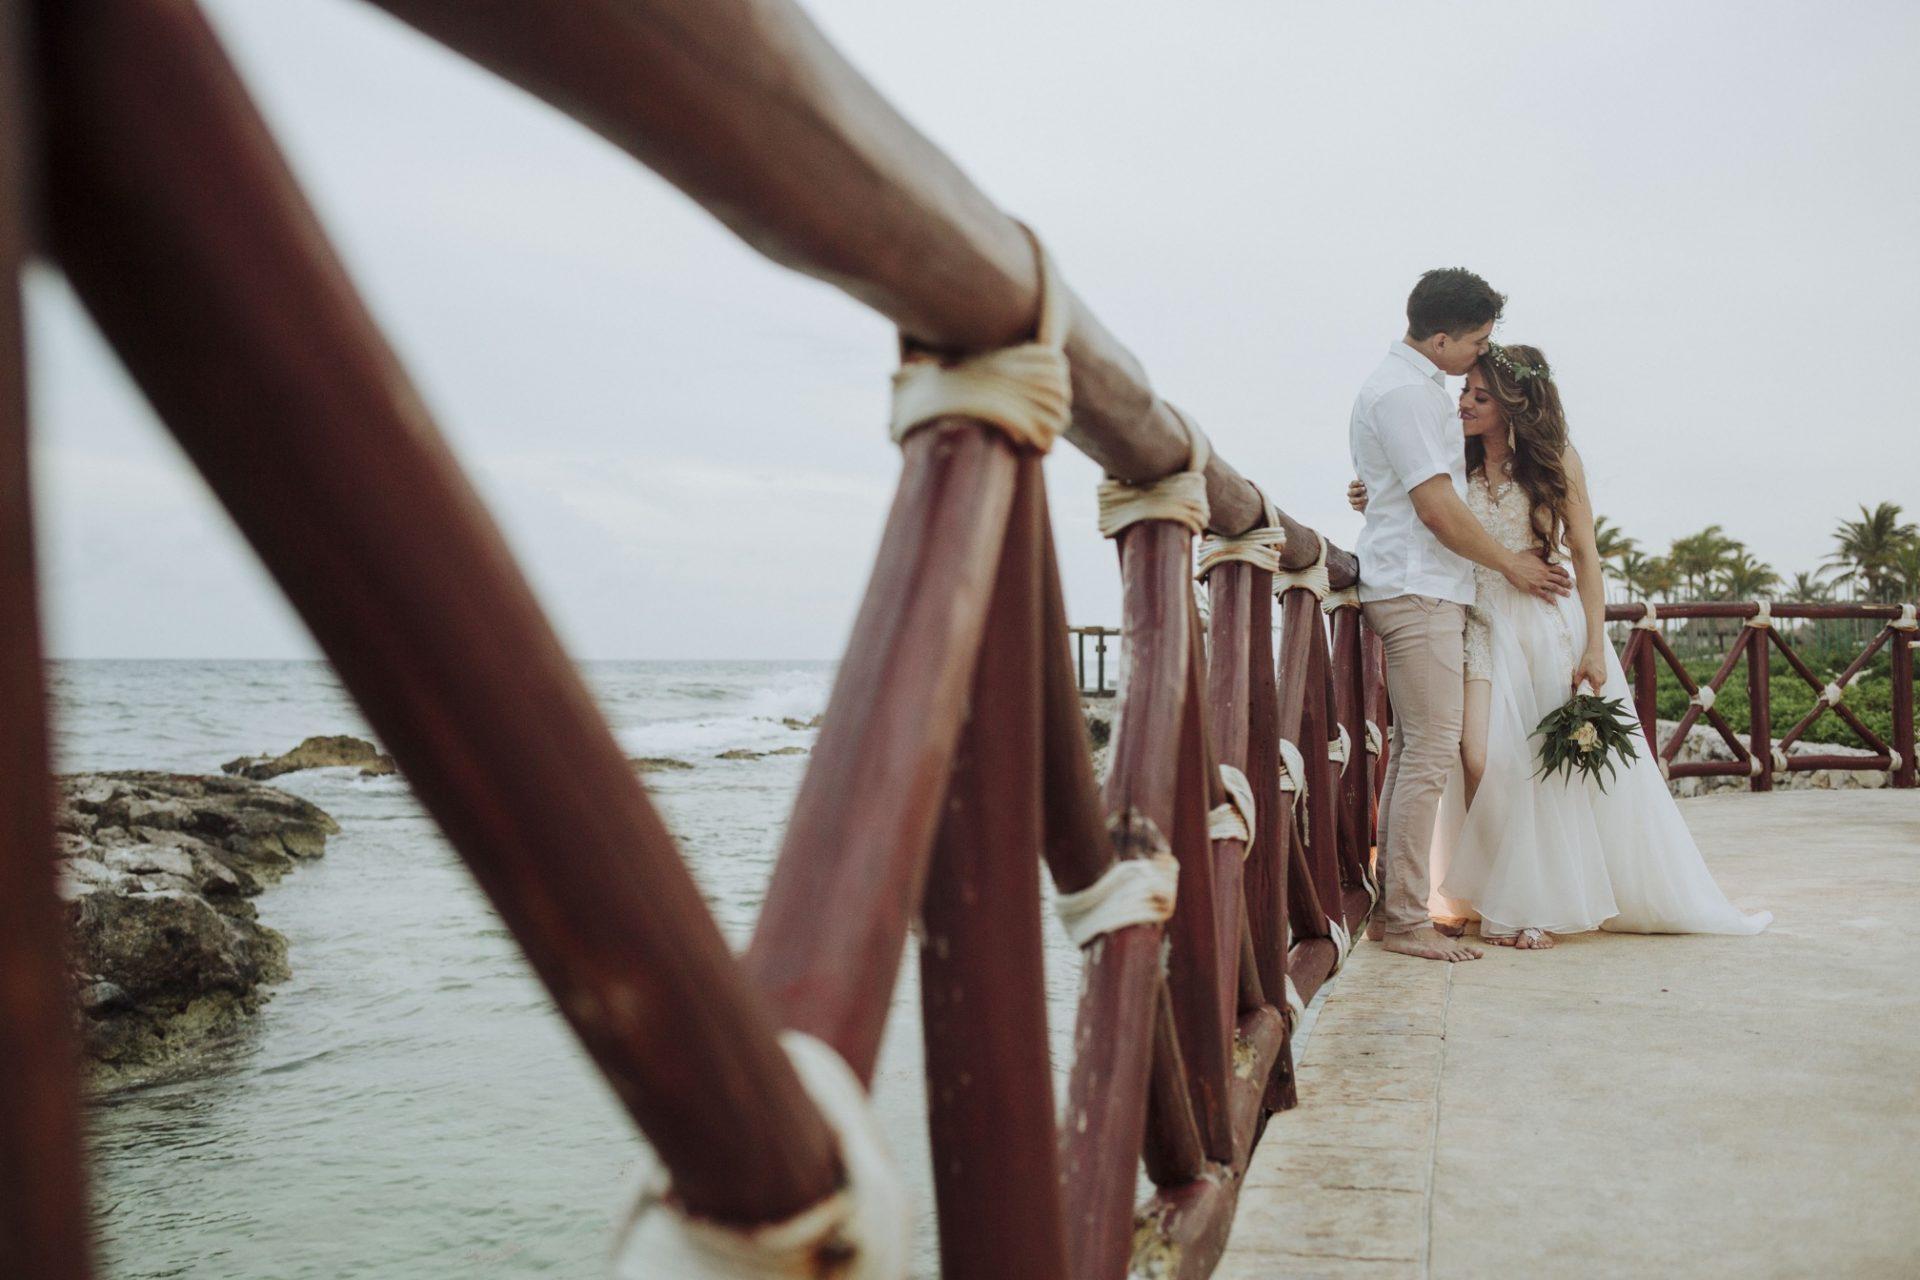 fotografo_bodas_profesional_zacatecas_riviera_maya_cancun-131